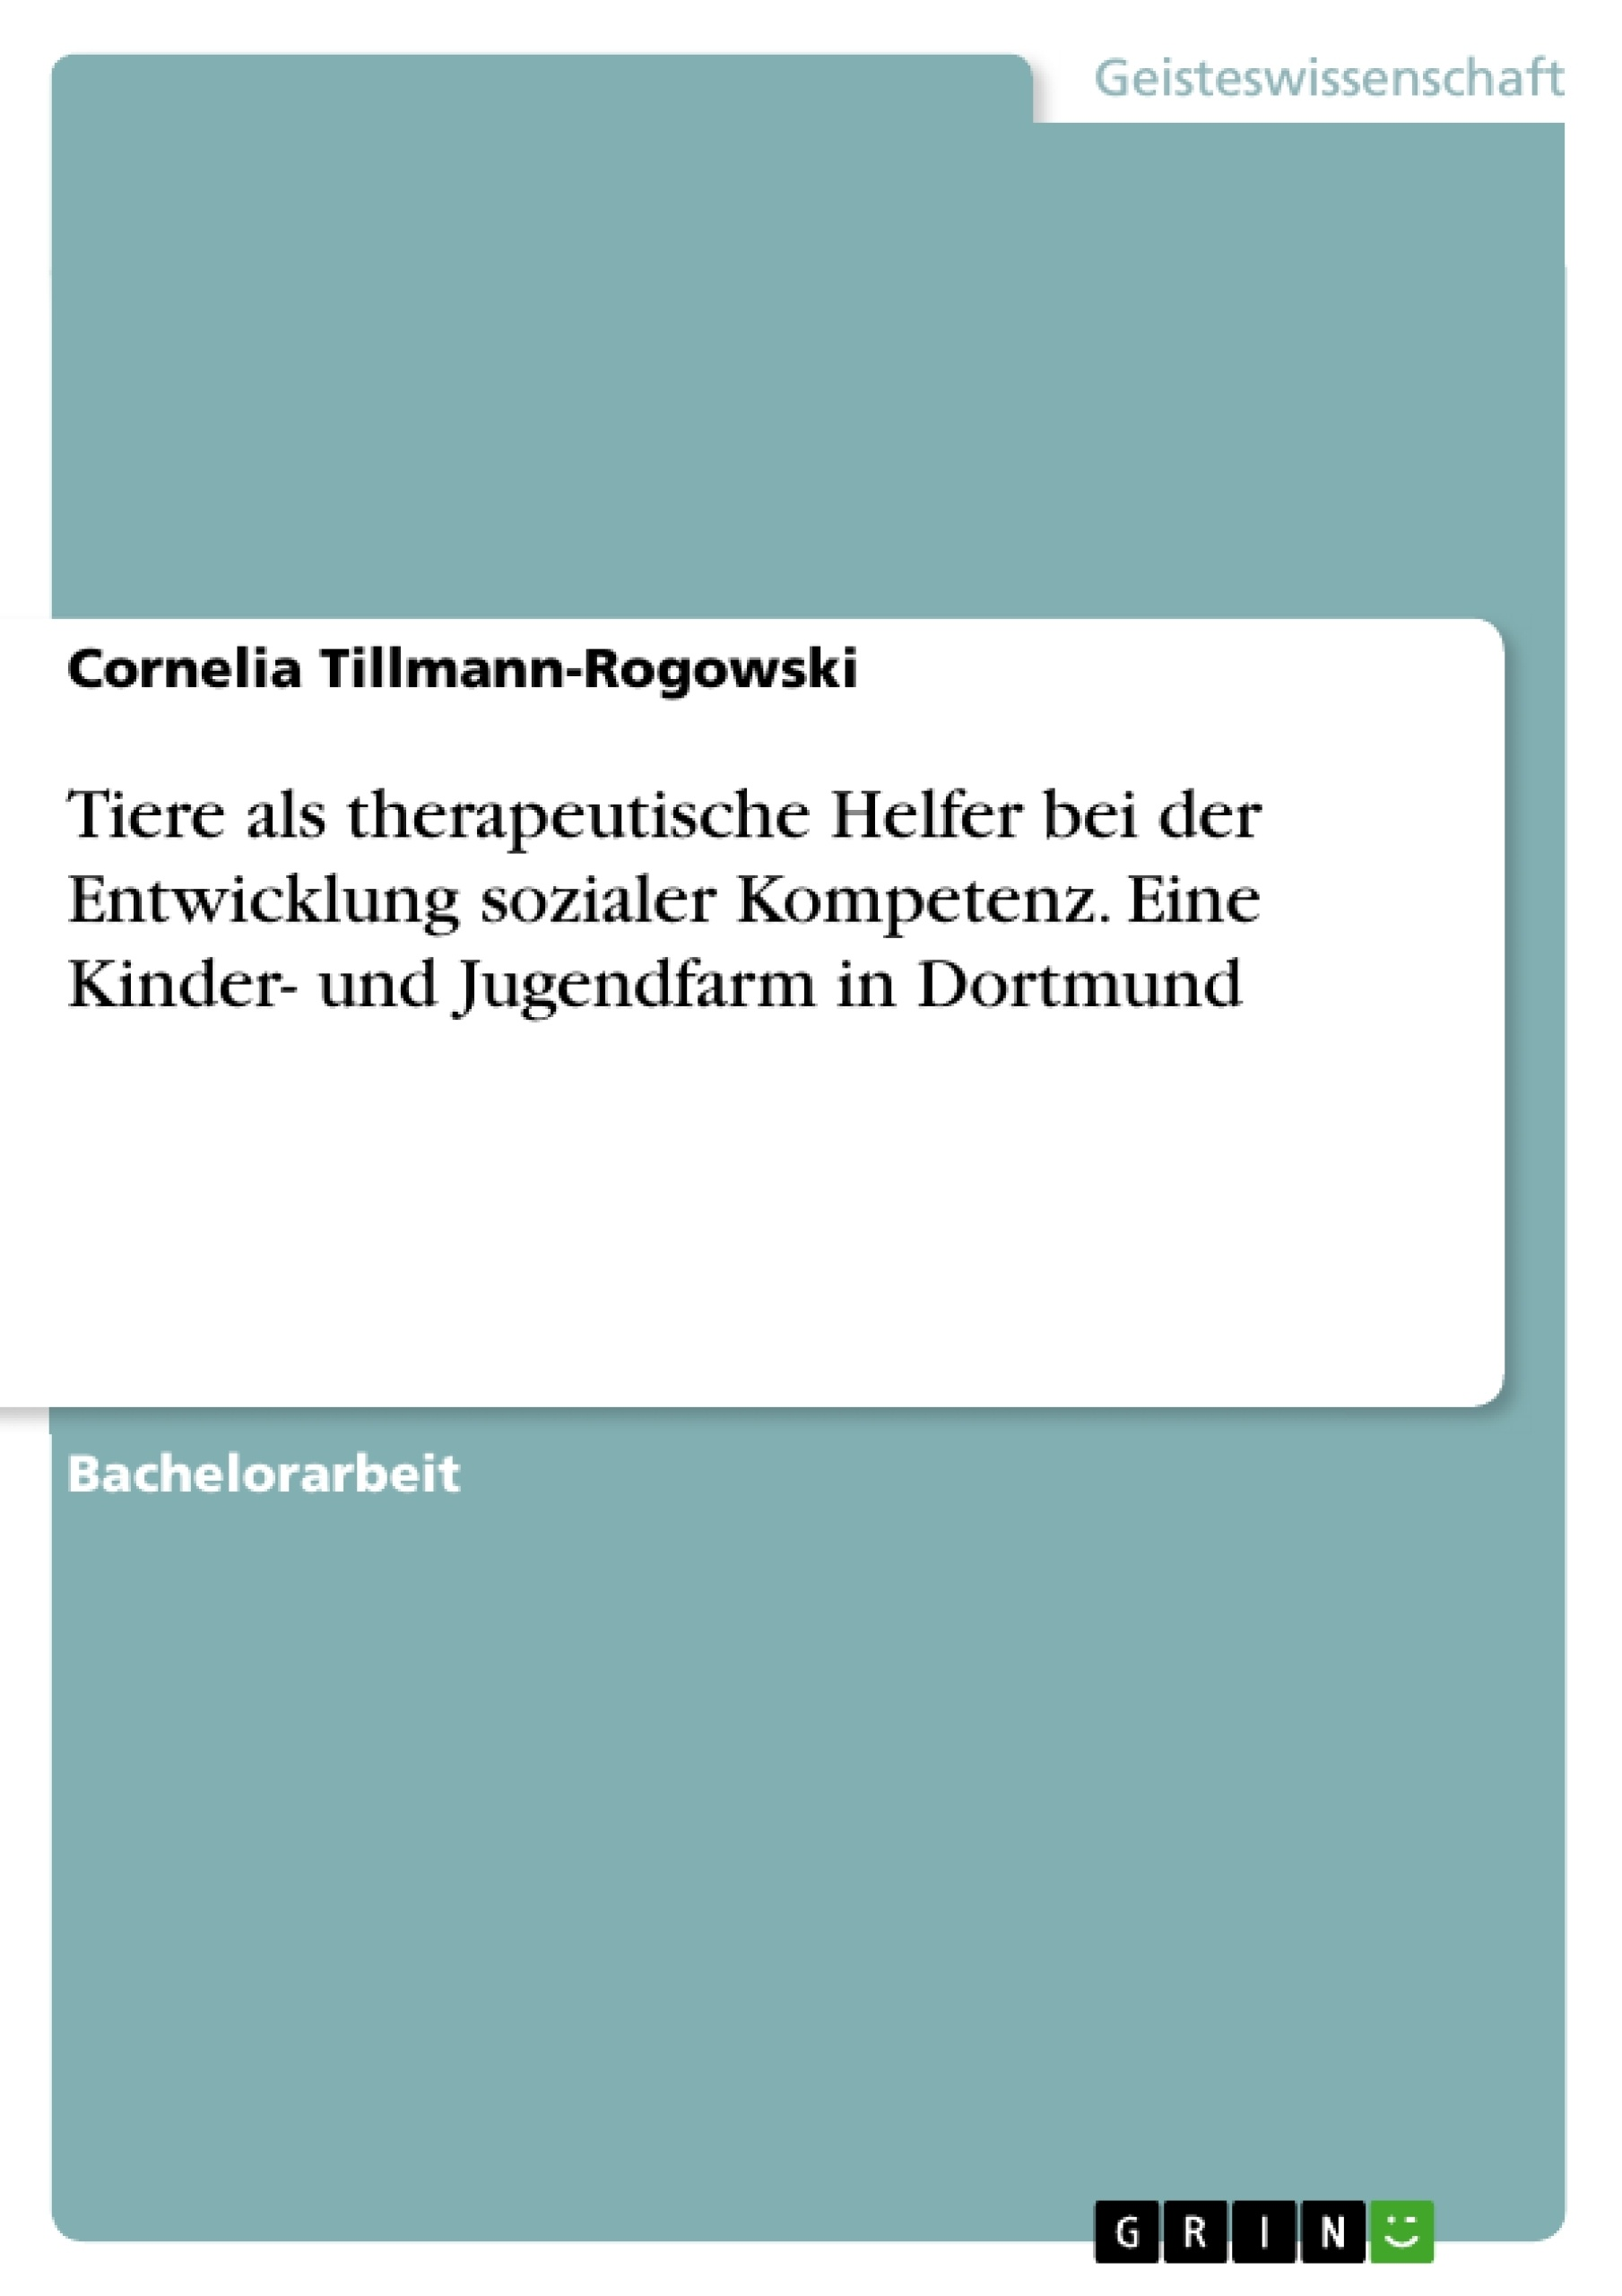 Titel: Tiere als therapeutische Helfer bei der Entwicklung sozialer Kompetenz. Eine Kinder- und Jugendfarm in Dortmund